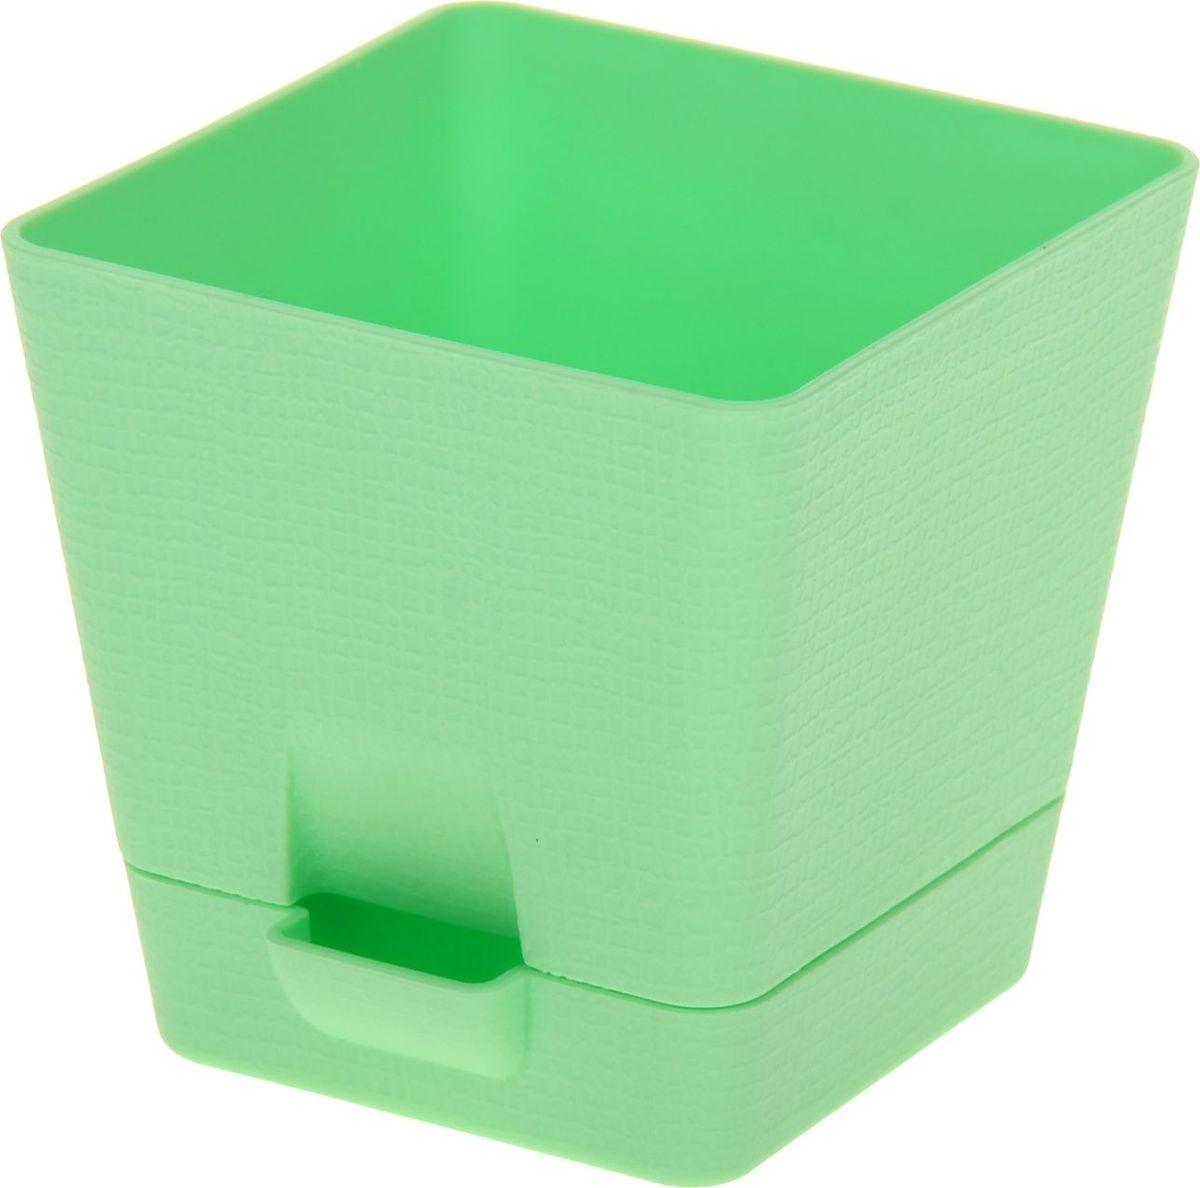 Горшок для цветов Tek.A.Тek Le Parterre, с системой прикорневого полива, цвет: зеленый, 1 л531-402Любой, даже самый современный и продуманный интерьер будет не завершённым без растений. Они не только очищают воздух и насыщают его кислородом, но и заметно украшают окружающее пространство. Такому полезному &laquo члену семьи&raquoпросто необходимо красивое и функциональное кашпо, оригинальный горшок или необычная ваза! Мы предлагаем - Горшок для цветов с поддоном 1 л Le Parterre, d=12 см, квадратный, цвет зеленый!Оптимальный выбор материала &mdash &nbsp пластмасса! Почему мы так считаем? Малый вес. С лёгкостью переносите горшки и кашпо с места на место, ставьте их на столики или полки, подвешивайте под потолок, не беспокоясь о нагрузке. Простота ухода. Пластиковые изделия не нуждаются в специальных условиях хранения. Их&nbsp легко чистить &mdashдостаточно просто сполоснуть тёплой водой. Никаких царапин. Пластиковые кашпо не царапают и не загрязняют поверхности, на которых стоят. Пластик дольше хранит влагу, а значит &mdashрастение реже нуждается в поливе. Пластмасса не пропускает воздух &mdashкорневой системе растения не грозят резкие перепады температур. Огромный выбор форм, декора и расцветок &mdashвы без труда подберёте что-то, что идеально впишется в уже существующий интерьер.Соблюдая нехитрые правила ухода, вы можете заметно продлить срок службы горшков, вазонов и кашпо из пластика: всегда учитывайте размер кроны и корневой системы растения (при разрастании большое растение способно повредить маленький горшок)берегите изделие от воздействия прямых солнечных лучей, чтобы кашпо и горшки не выцветалидержите кашпо и горшки из пластика подальше от нагревающихся поверхностей.Создавайте прекрасные цветочные композиции, выращивайте рассаду или необычные растения, а низкие цены позволят вам не ограничивать себя в выборе.